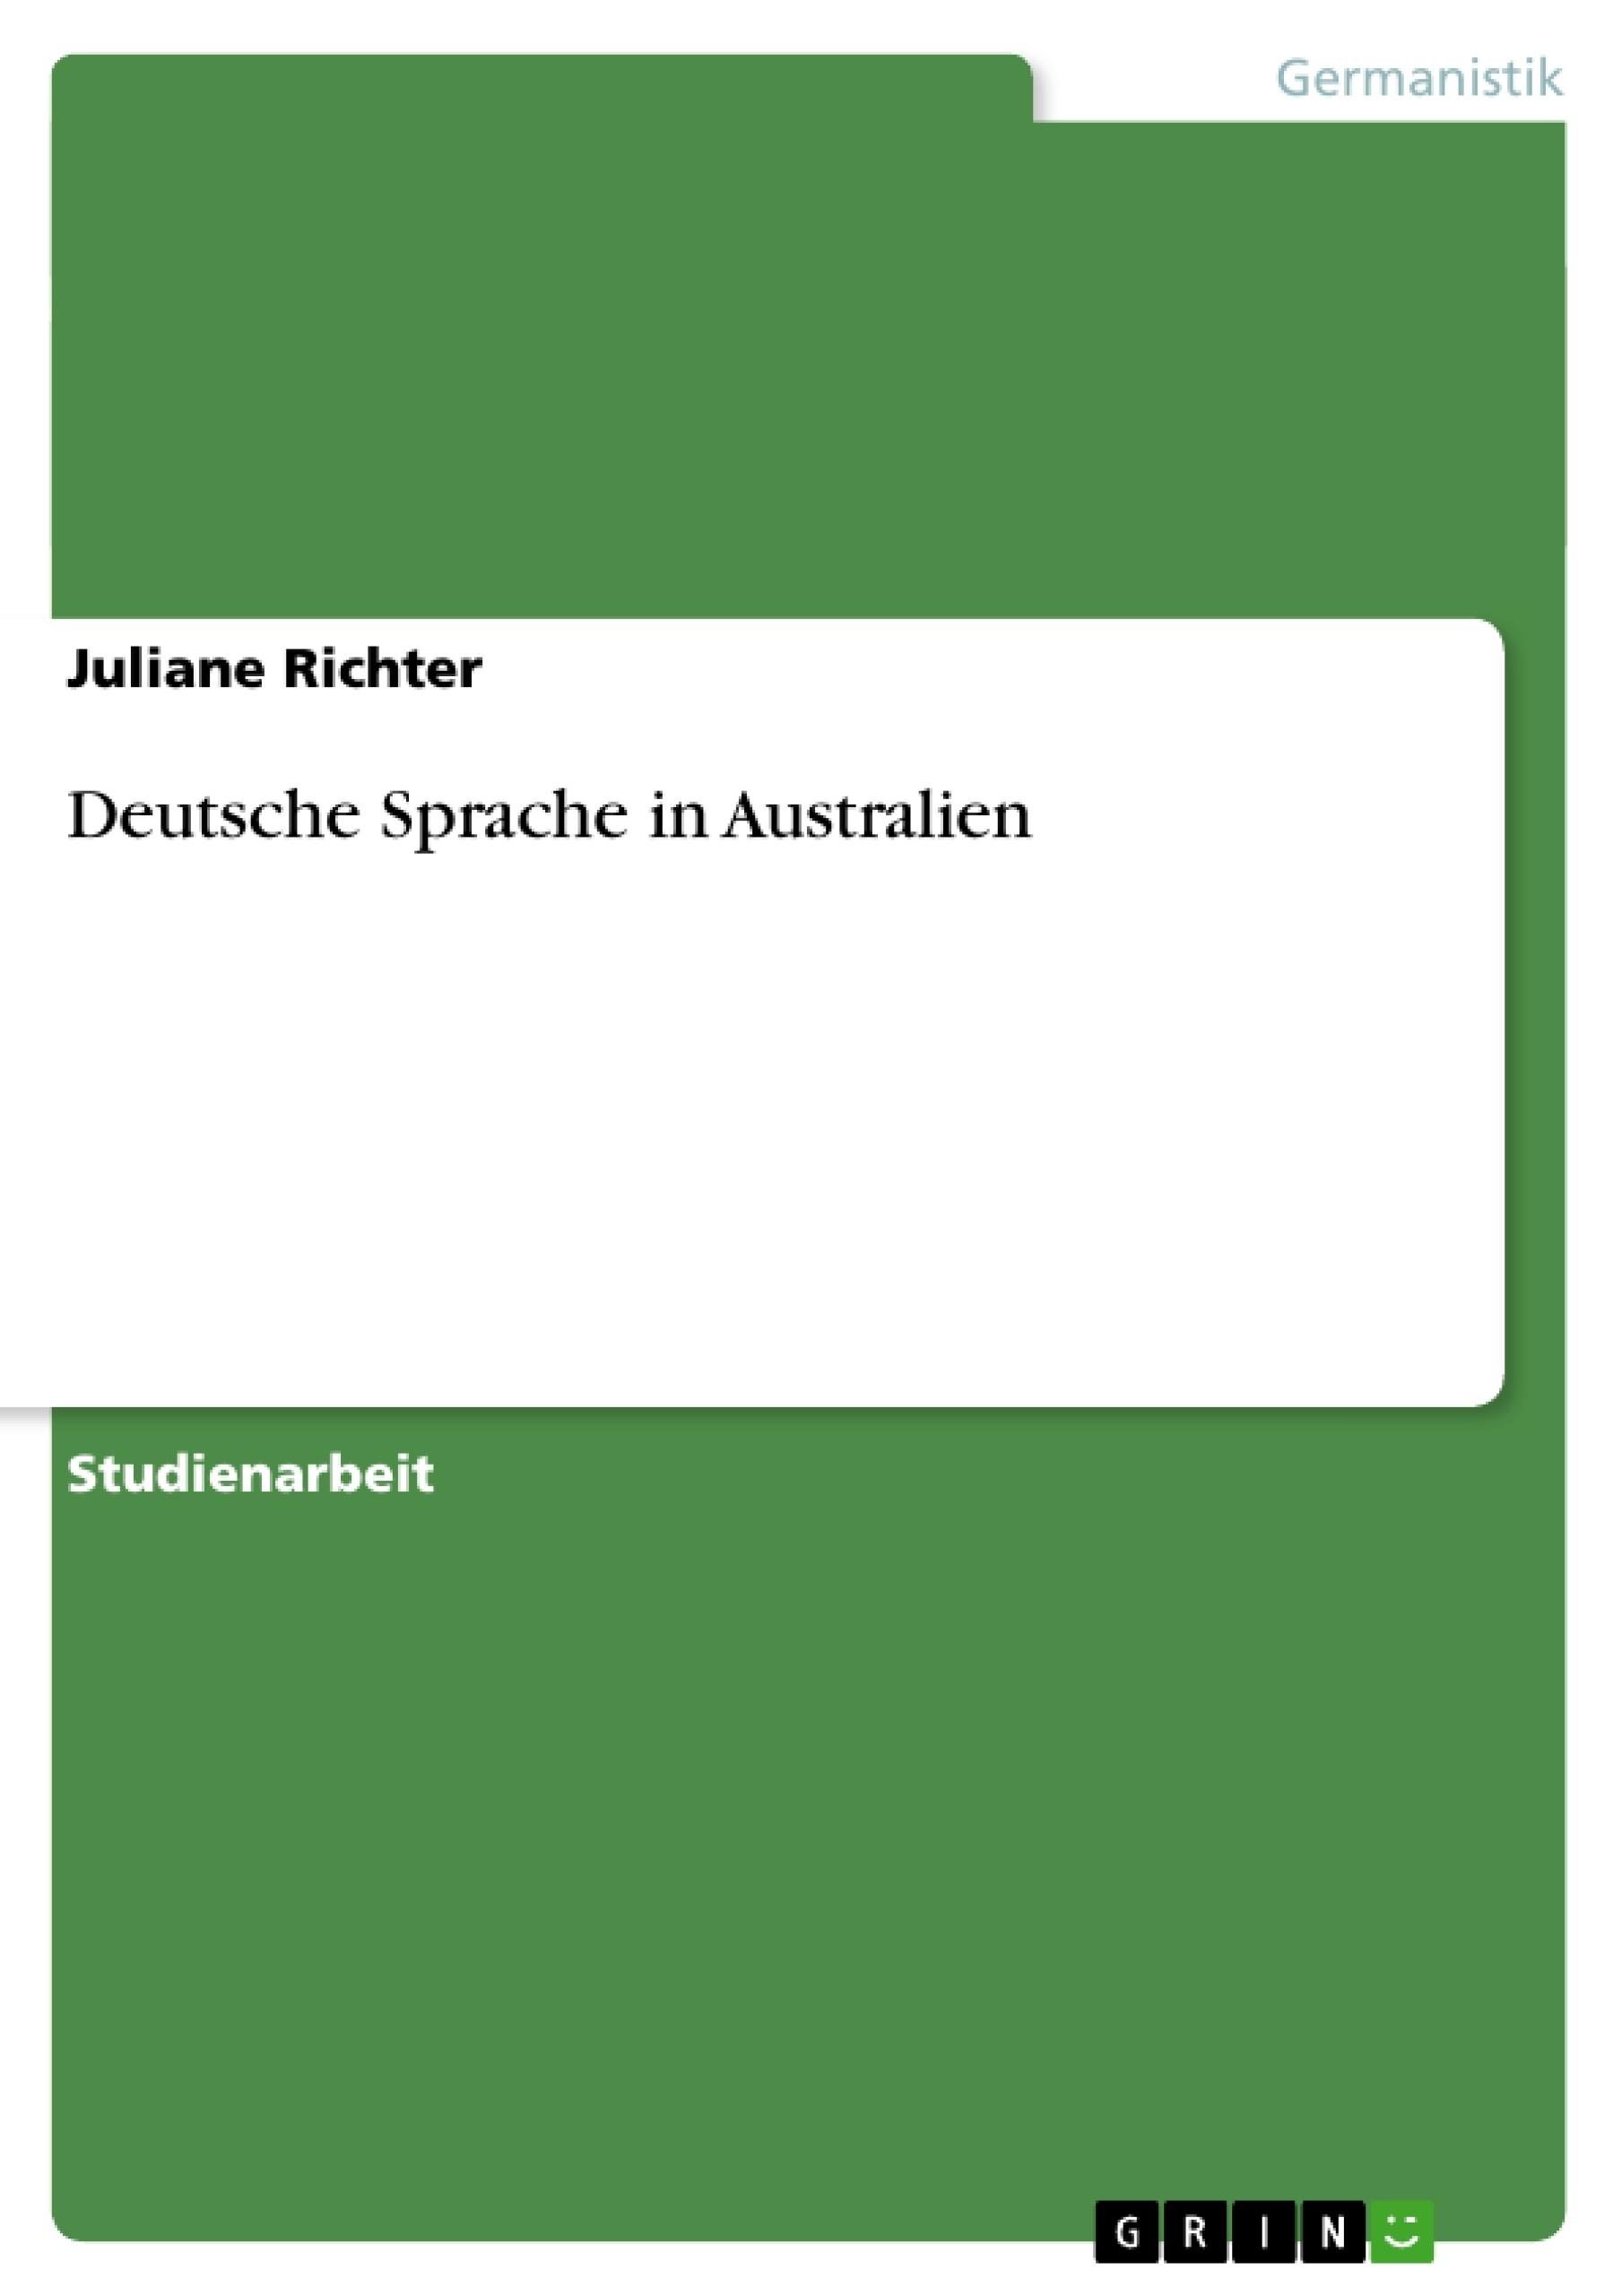 Titel: Deutsche Sprache in Australien